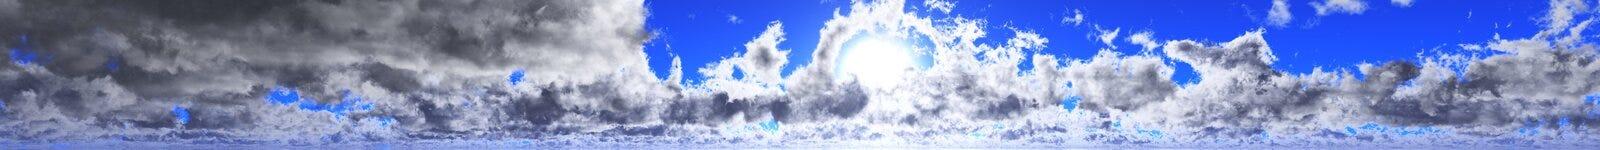 Panorama van de wolken en de zon, het licht in de hemel, de zon in de wolken Royalty-vrije Stock Afbeeldingen